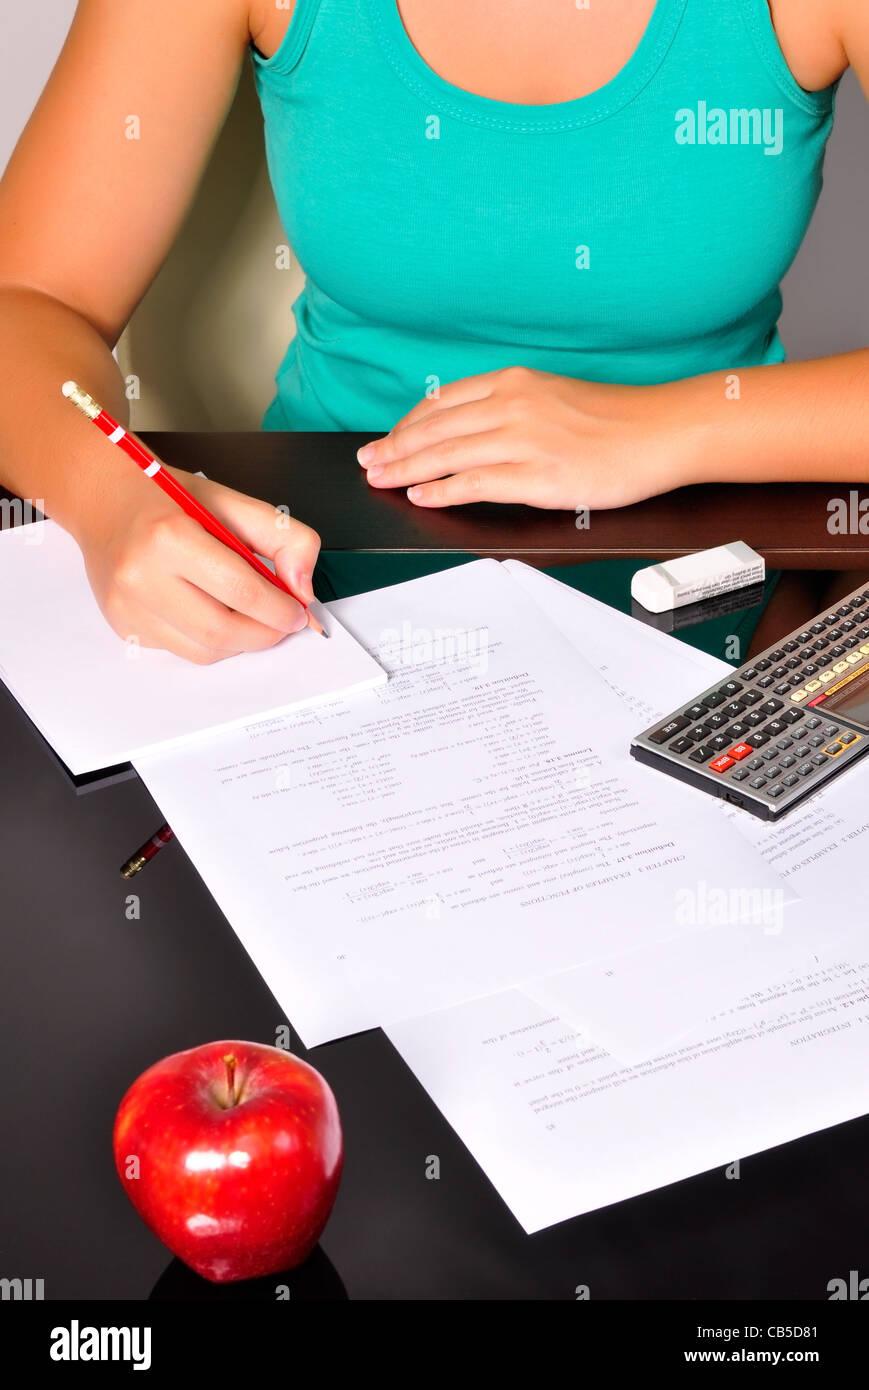 Faire des mathématiques des élèves des exercices avec une calculatrice et un crayon rouge. Photo Stock